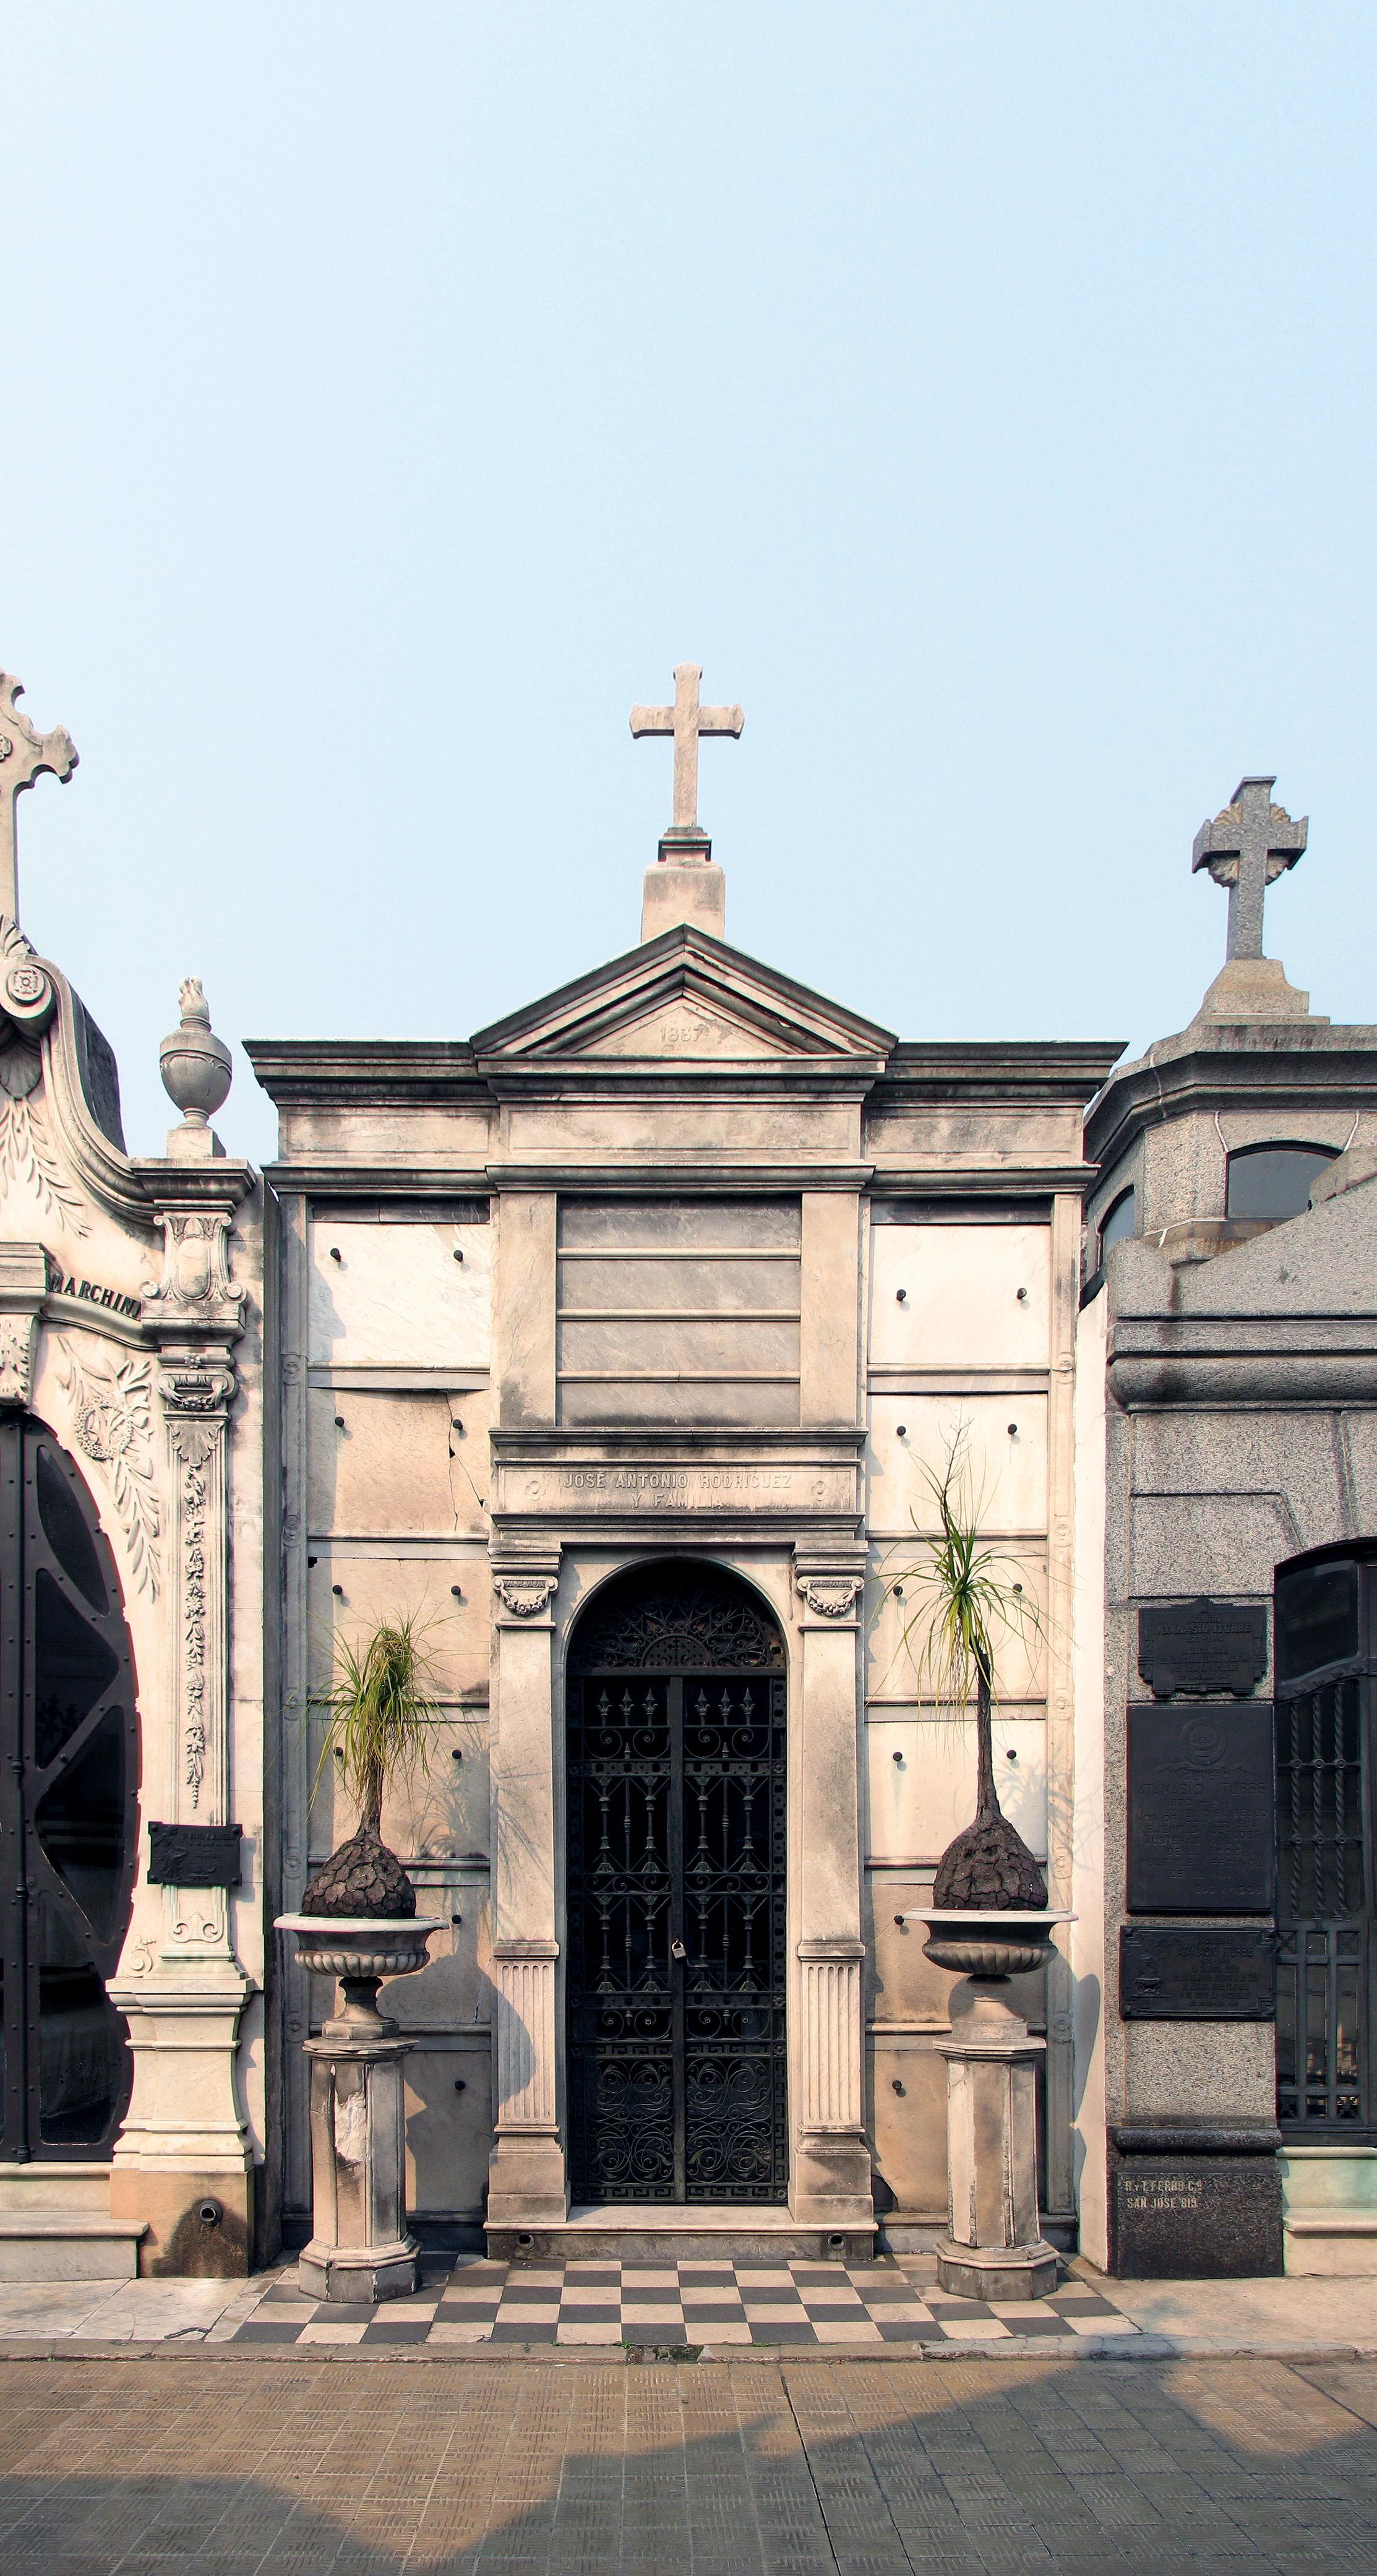 Palm Niche, Architecture, Gate, Roman, Religion, HQ Photo